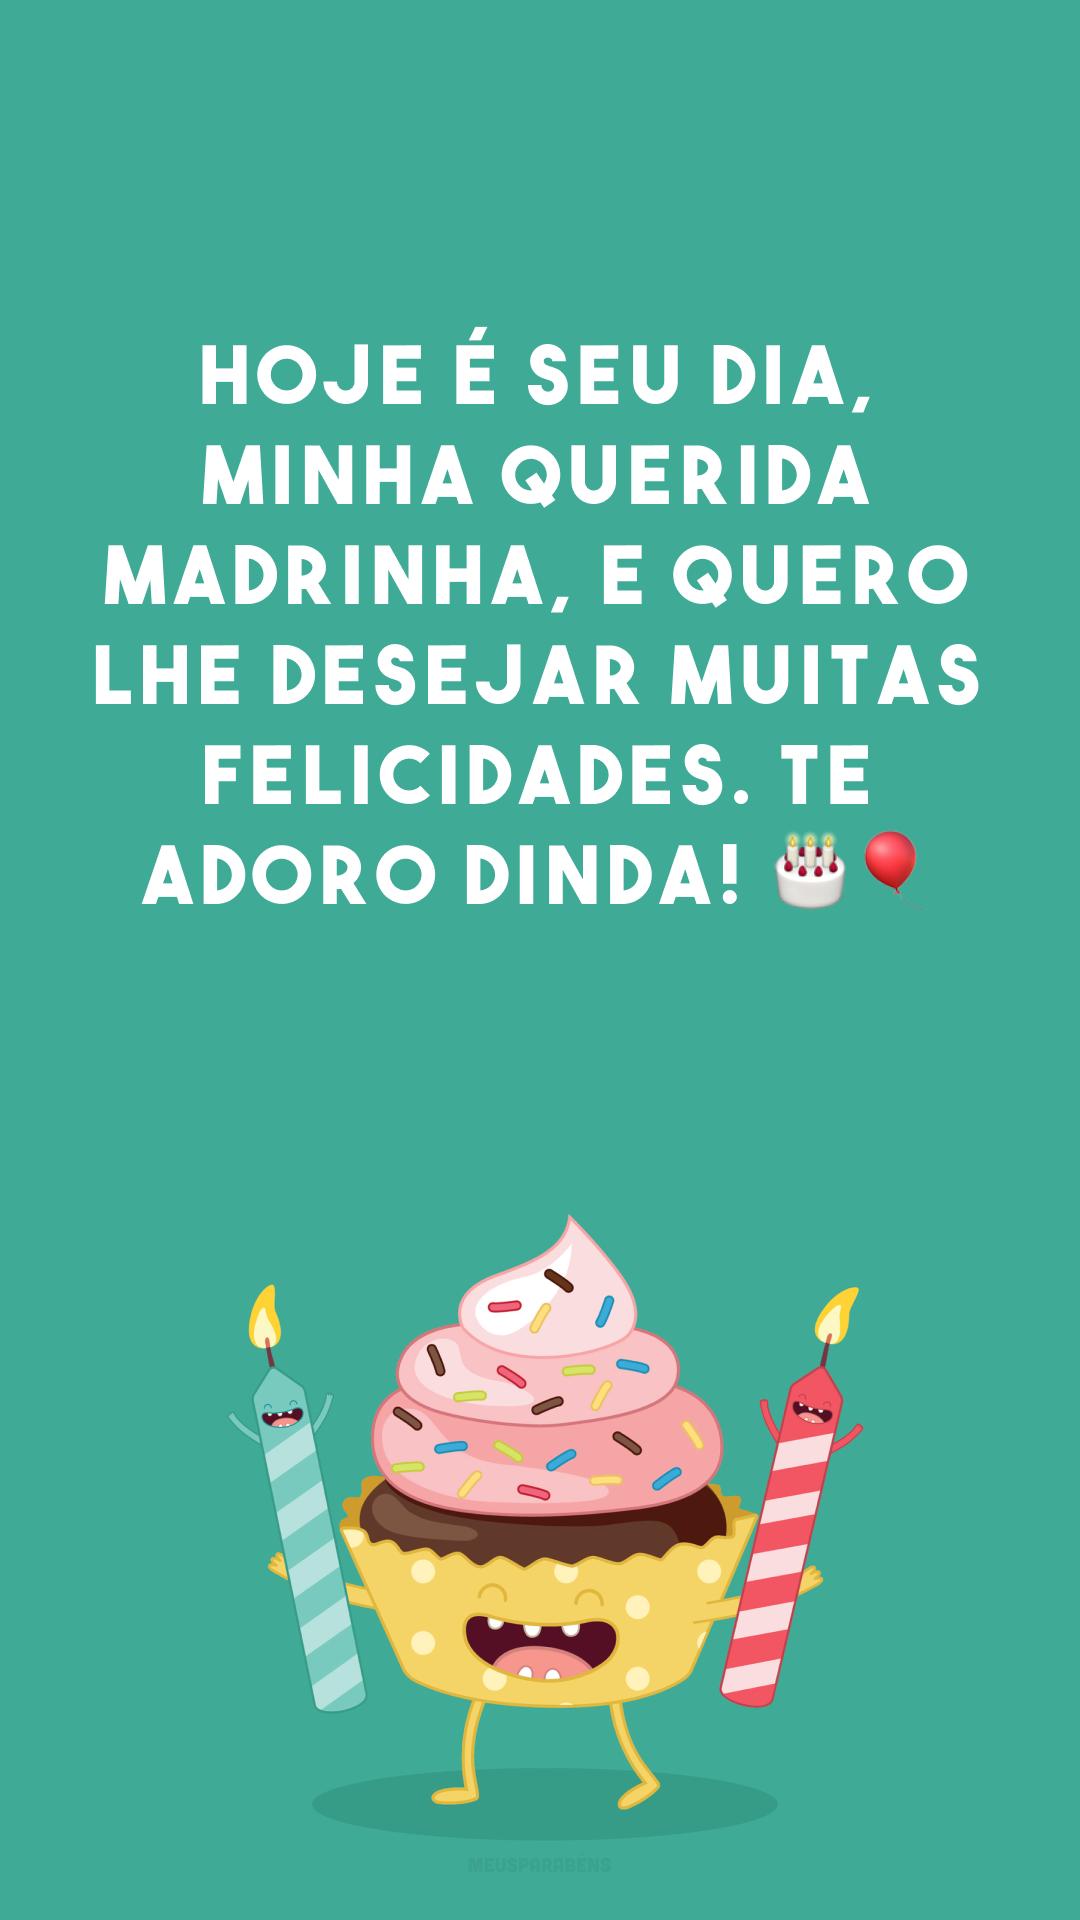 Hoje é seu dia, minha querida madrinha, e quero lhe desejar muitas felicidades. Te adoro dinda! 🎂🎈